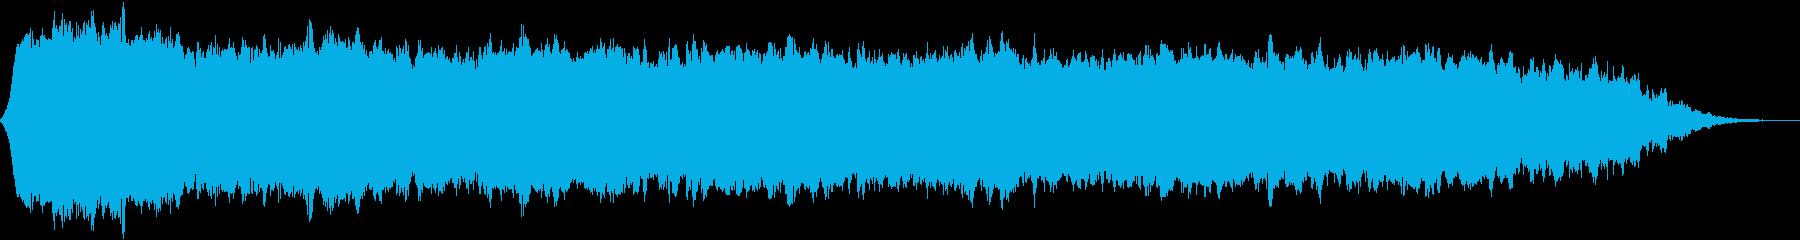 【ホラー】ダークアンビエント_02 忘却の再生済みの波形